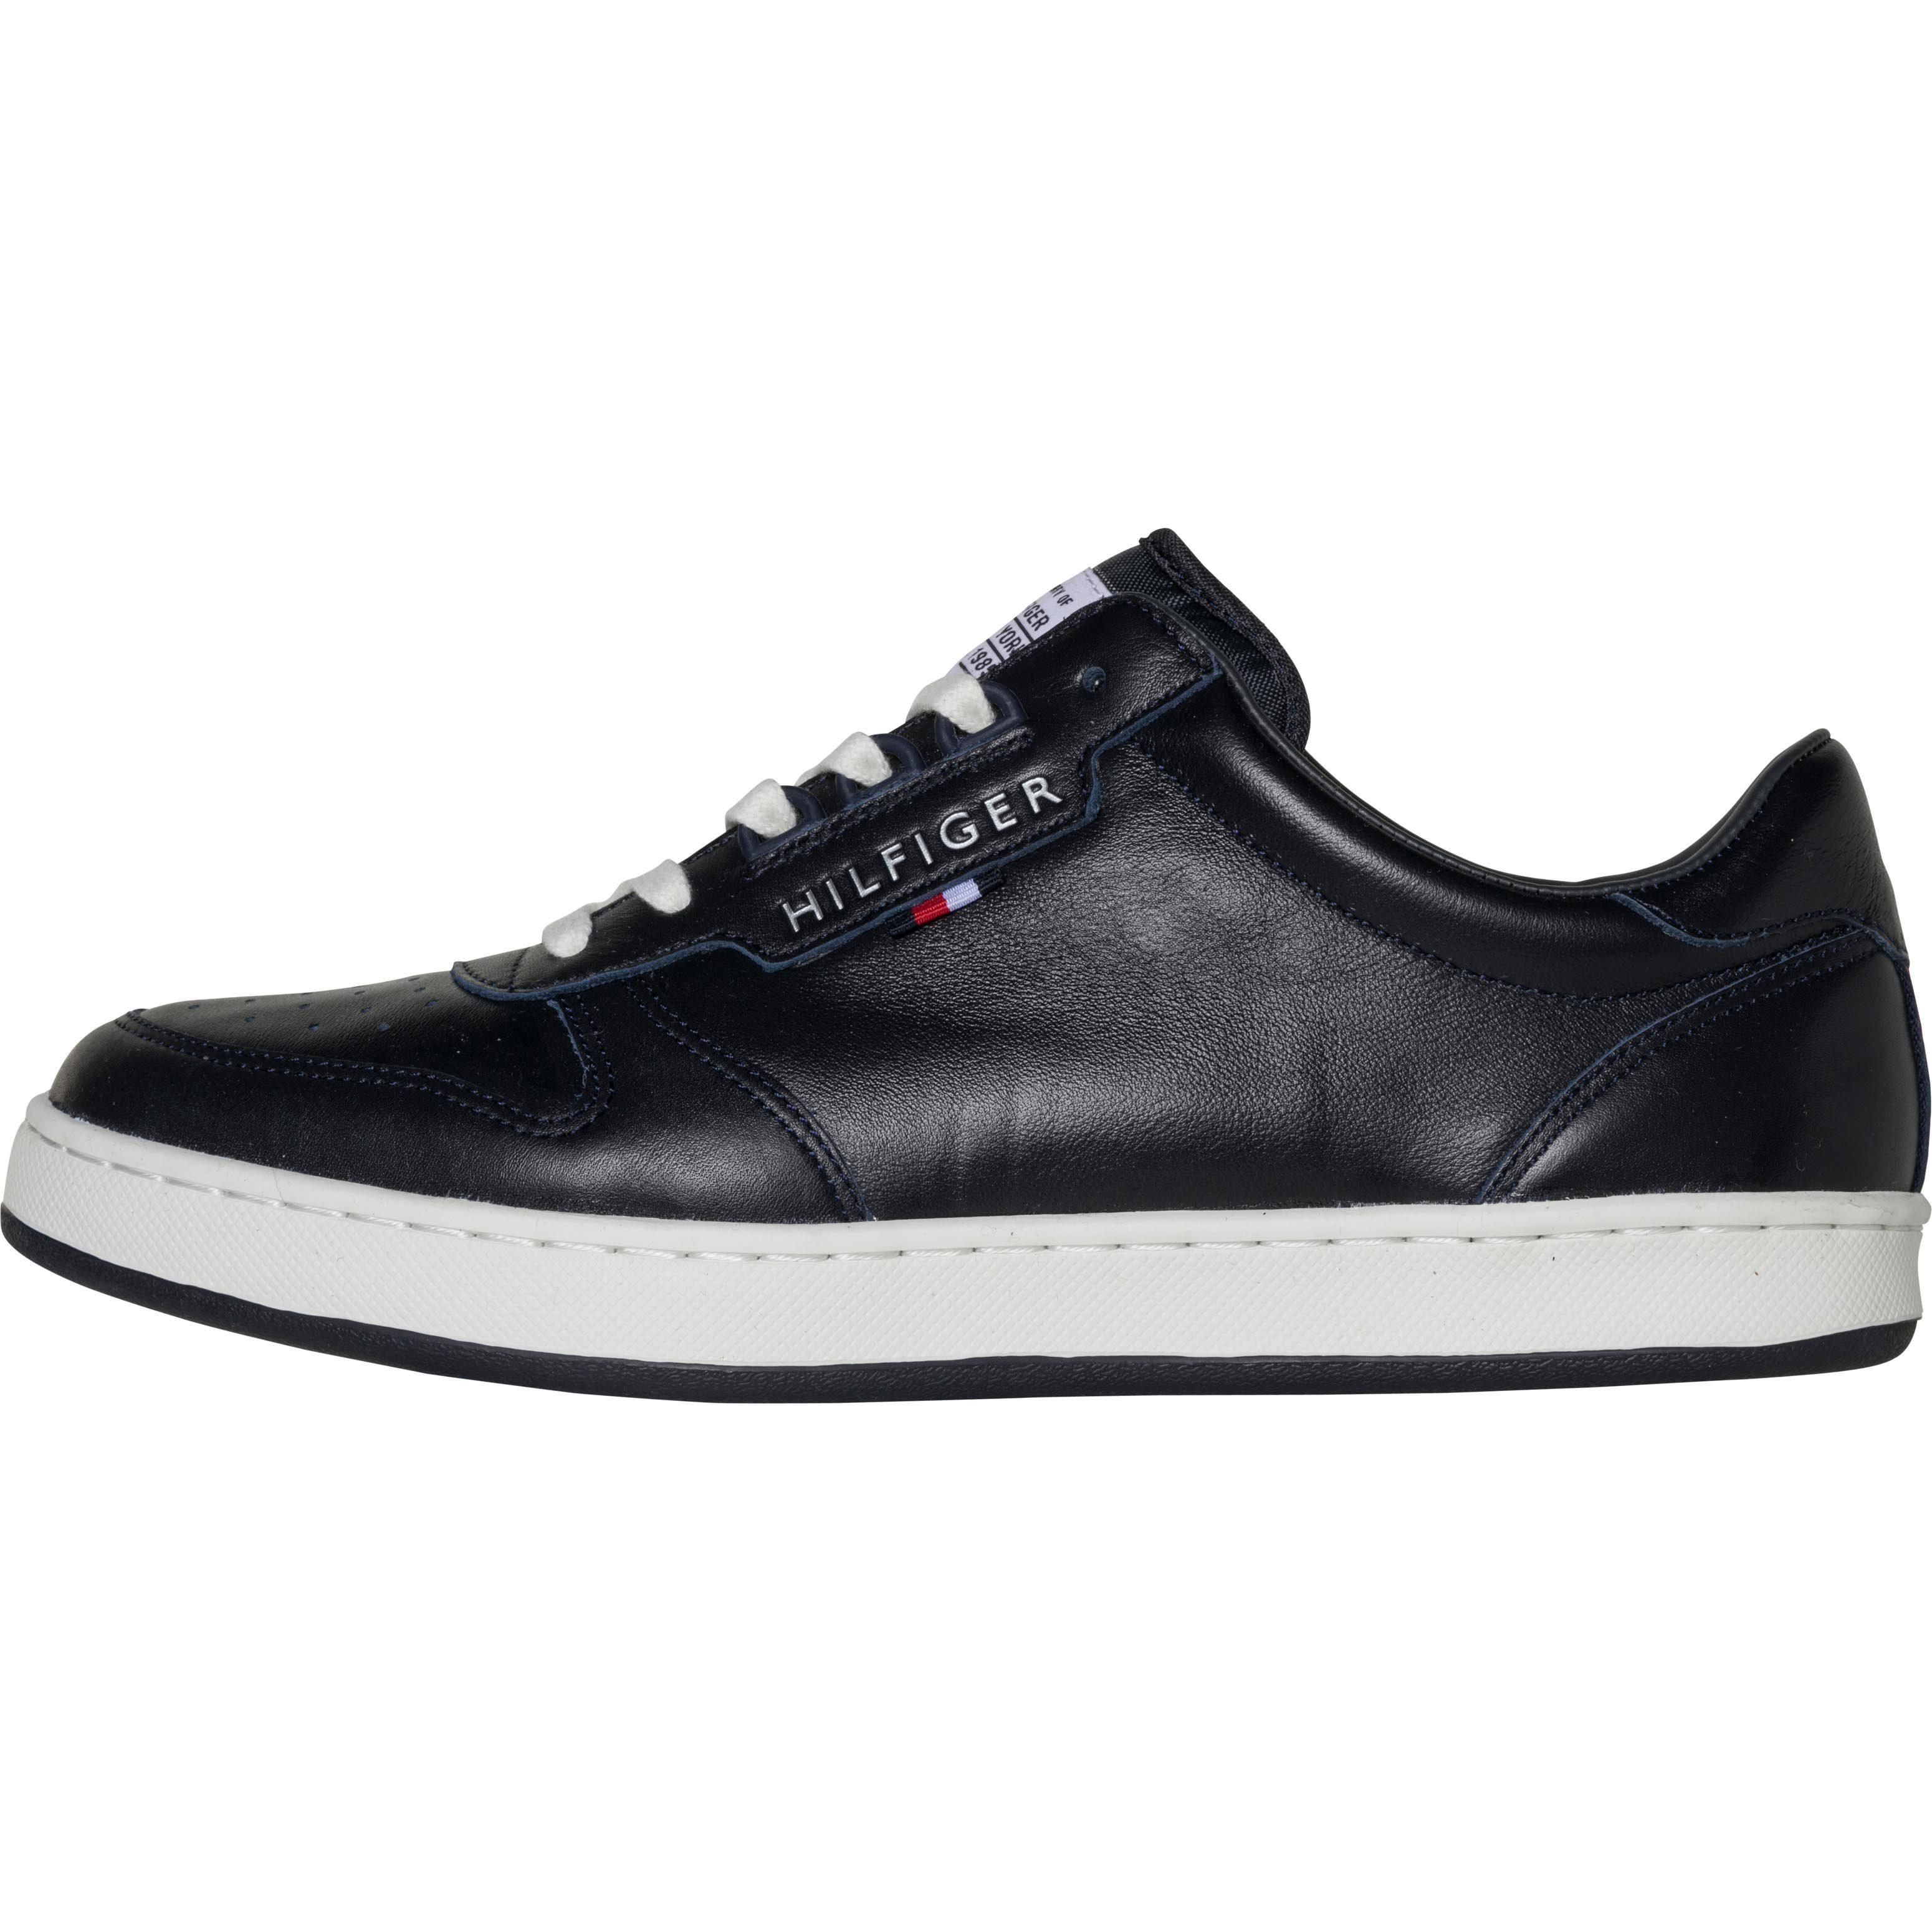 Tommy Hilfiger Sneaker »H2285OXTON 1A«, Absatzhöhe: 3 online kaufen | OTTO